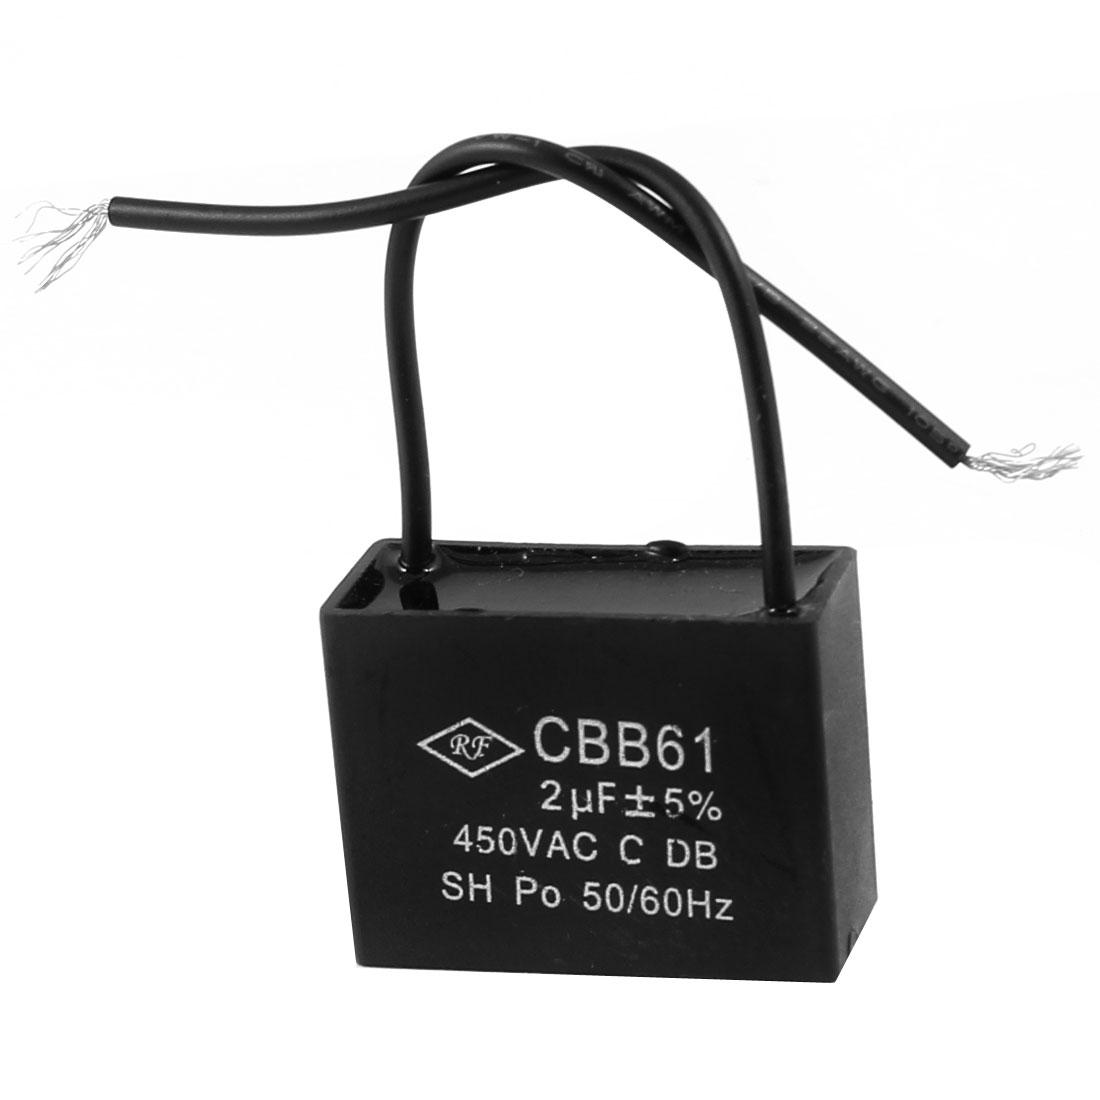 2uF 450VAC 50/60Hz 2 Wire Motor Running Capacitor CBB61